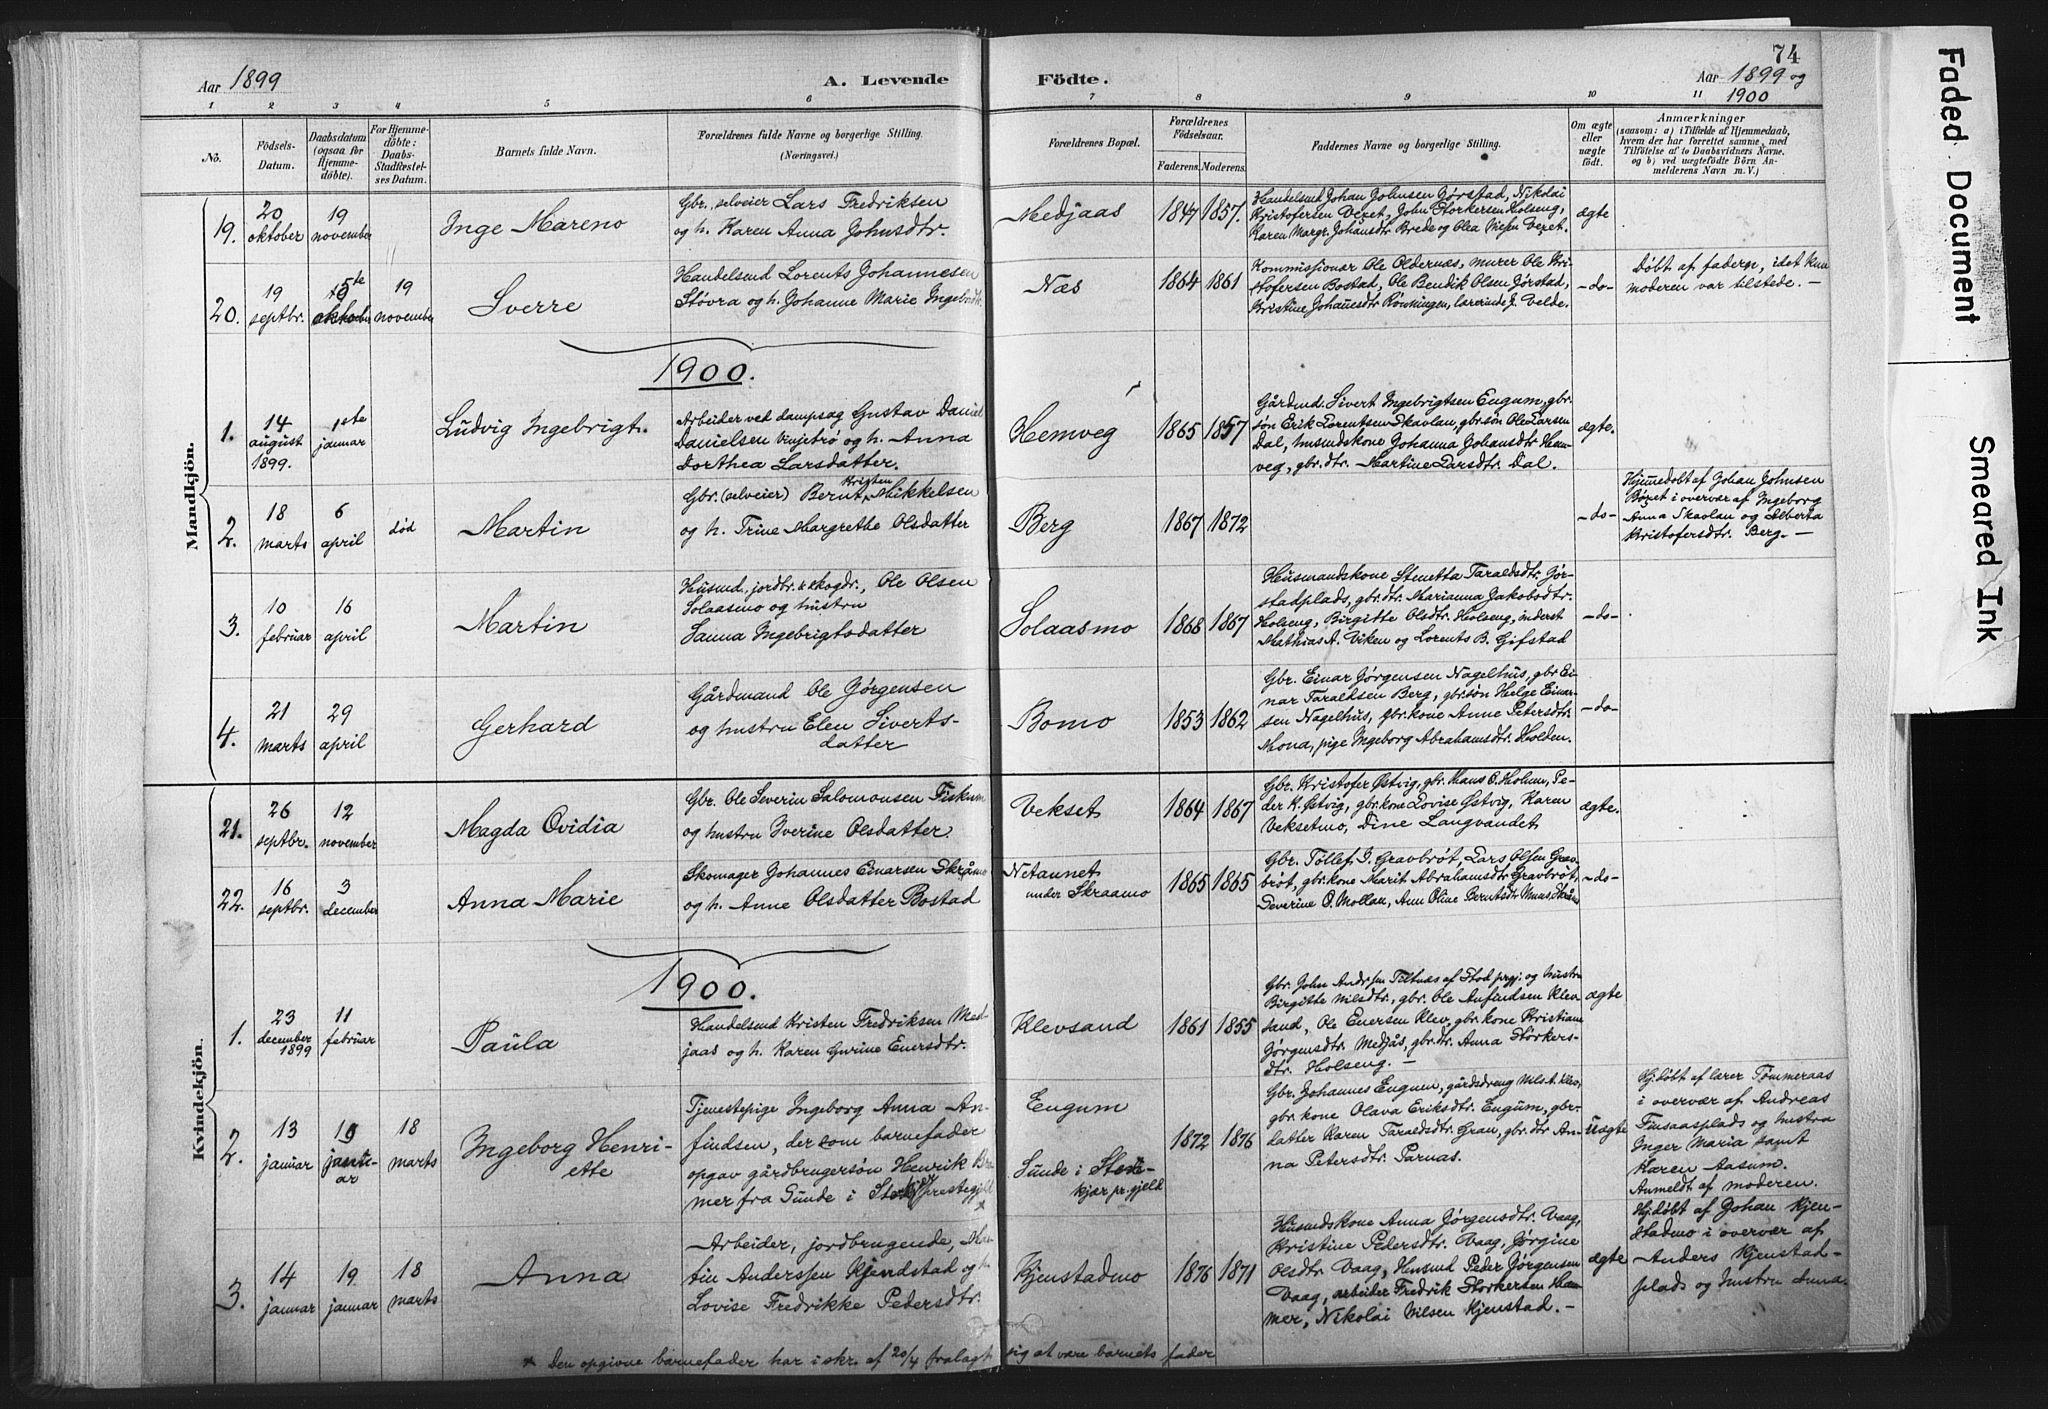 SAT, Ministerialprotokoller, klokkerbøker og fødselsregistre - Nord-Trøndelag, 749/L0474: Ministerialbok nr. 749A08, 1887-1903, s. 74